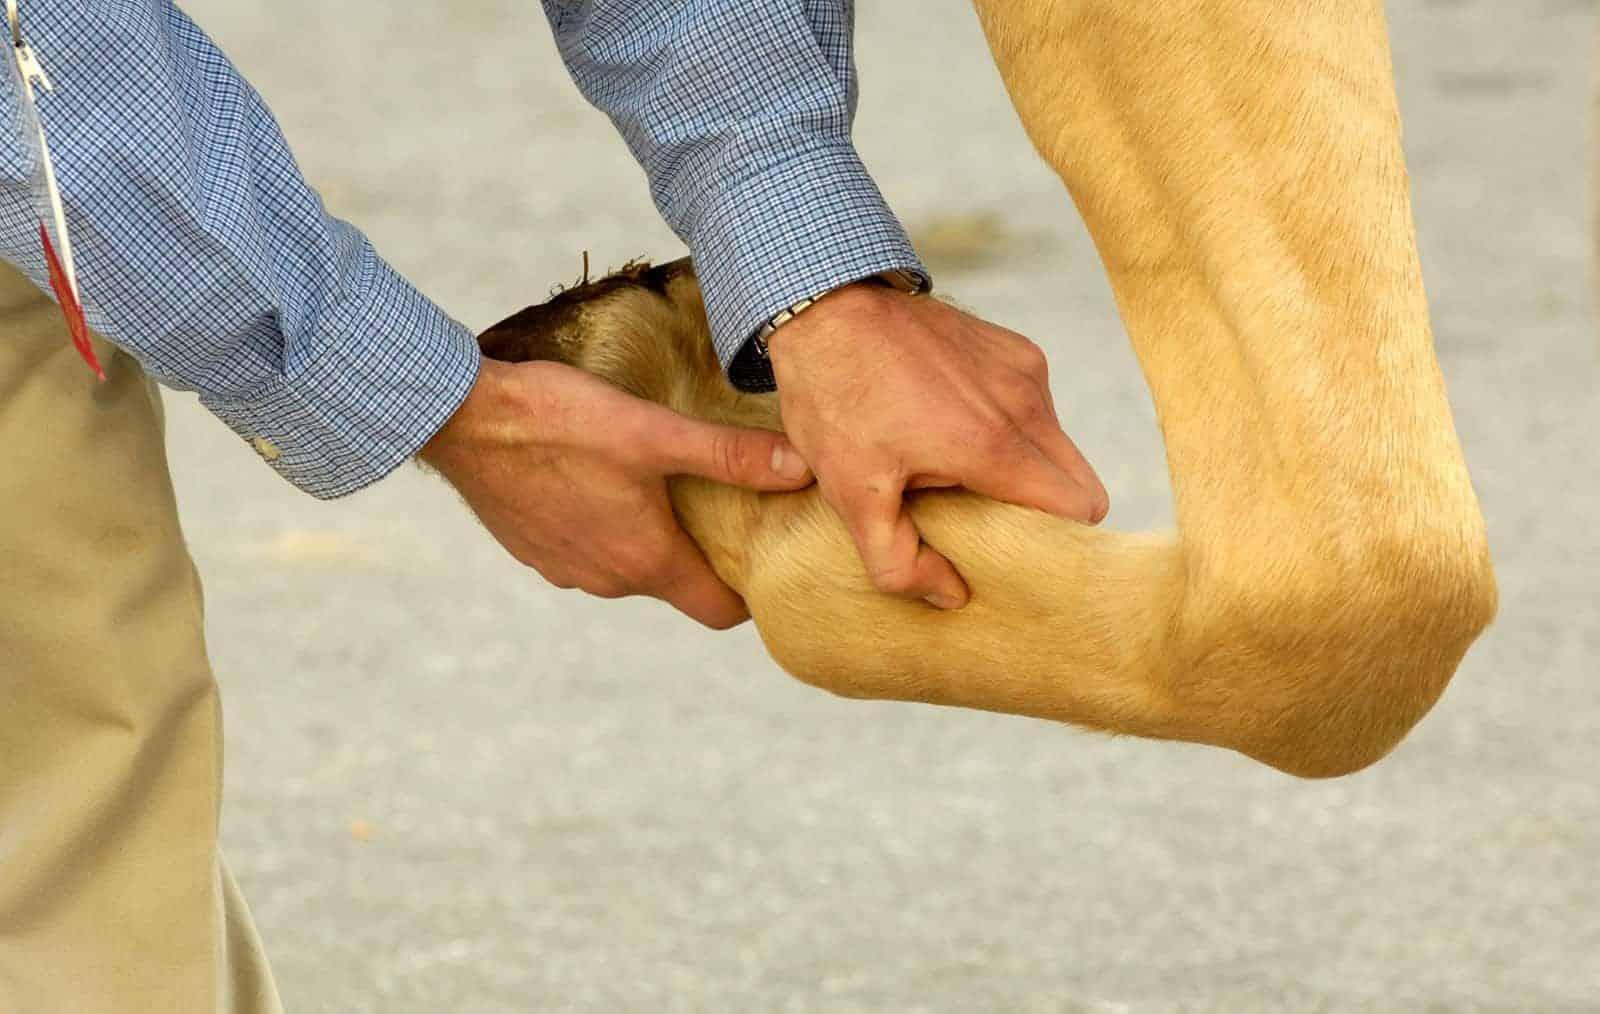 Vet palpating horse's leg